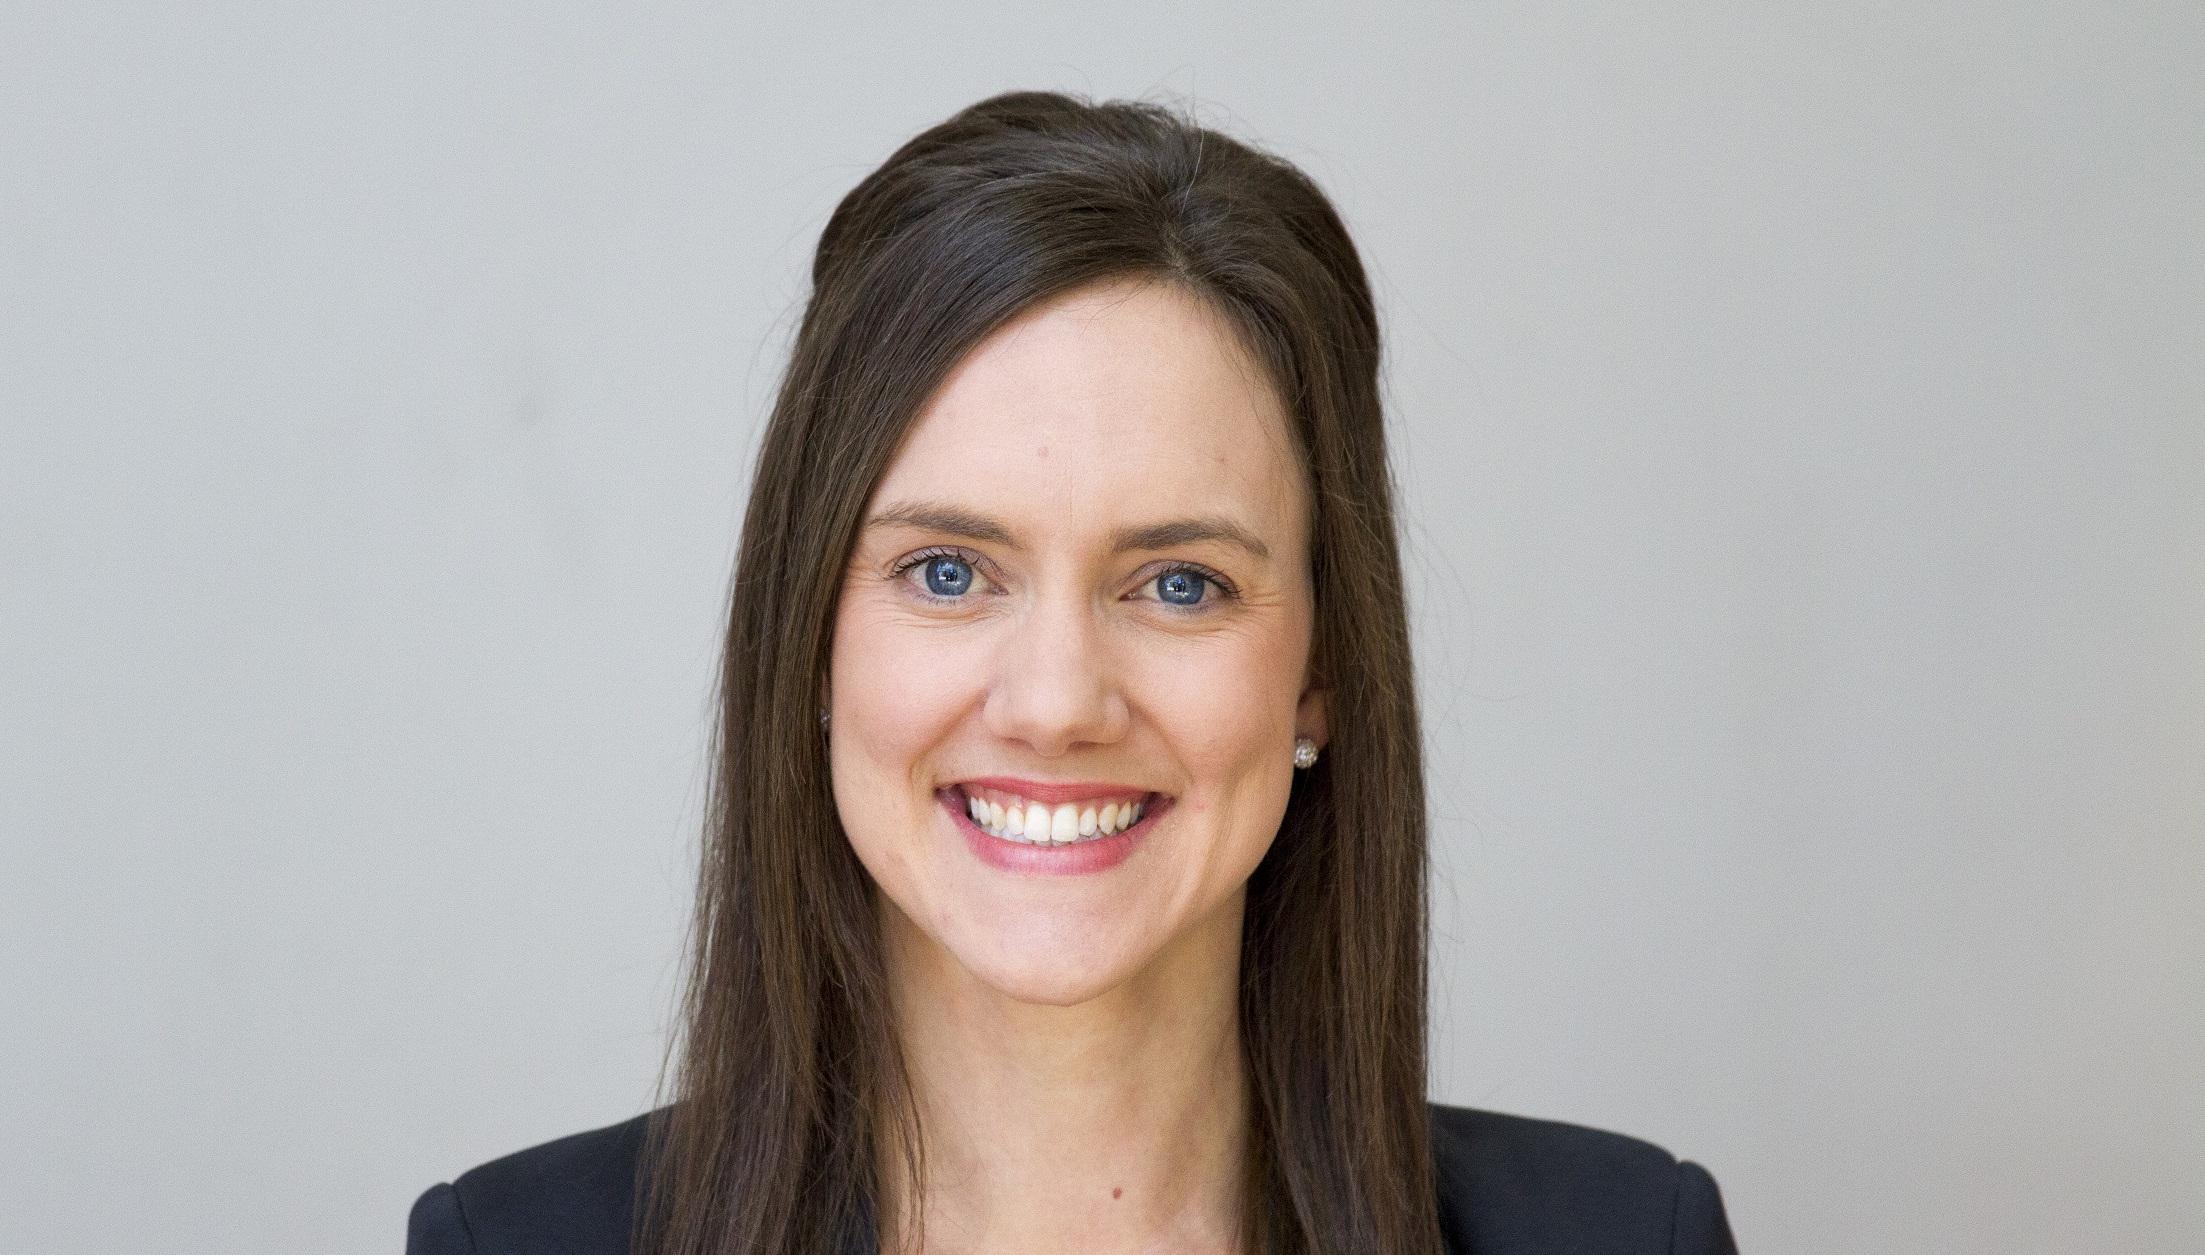 Official Photos — Claire Madden   Next Gen Expert